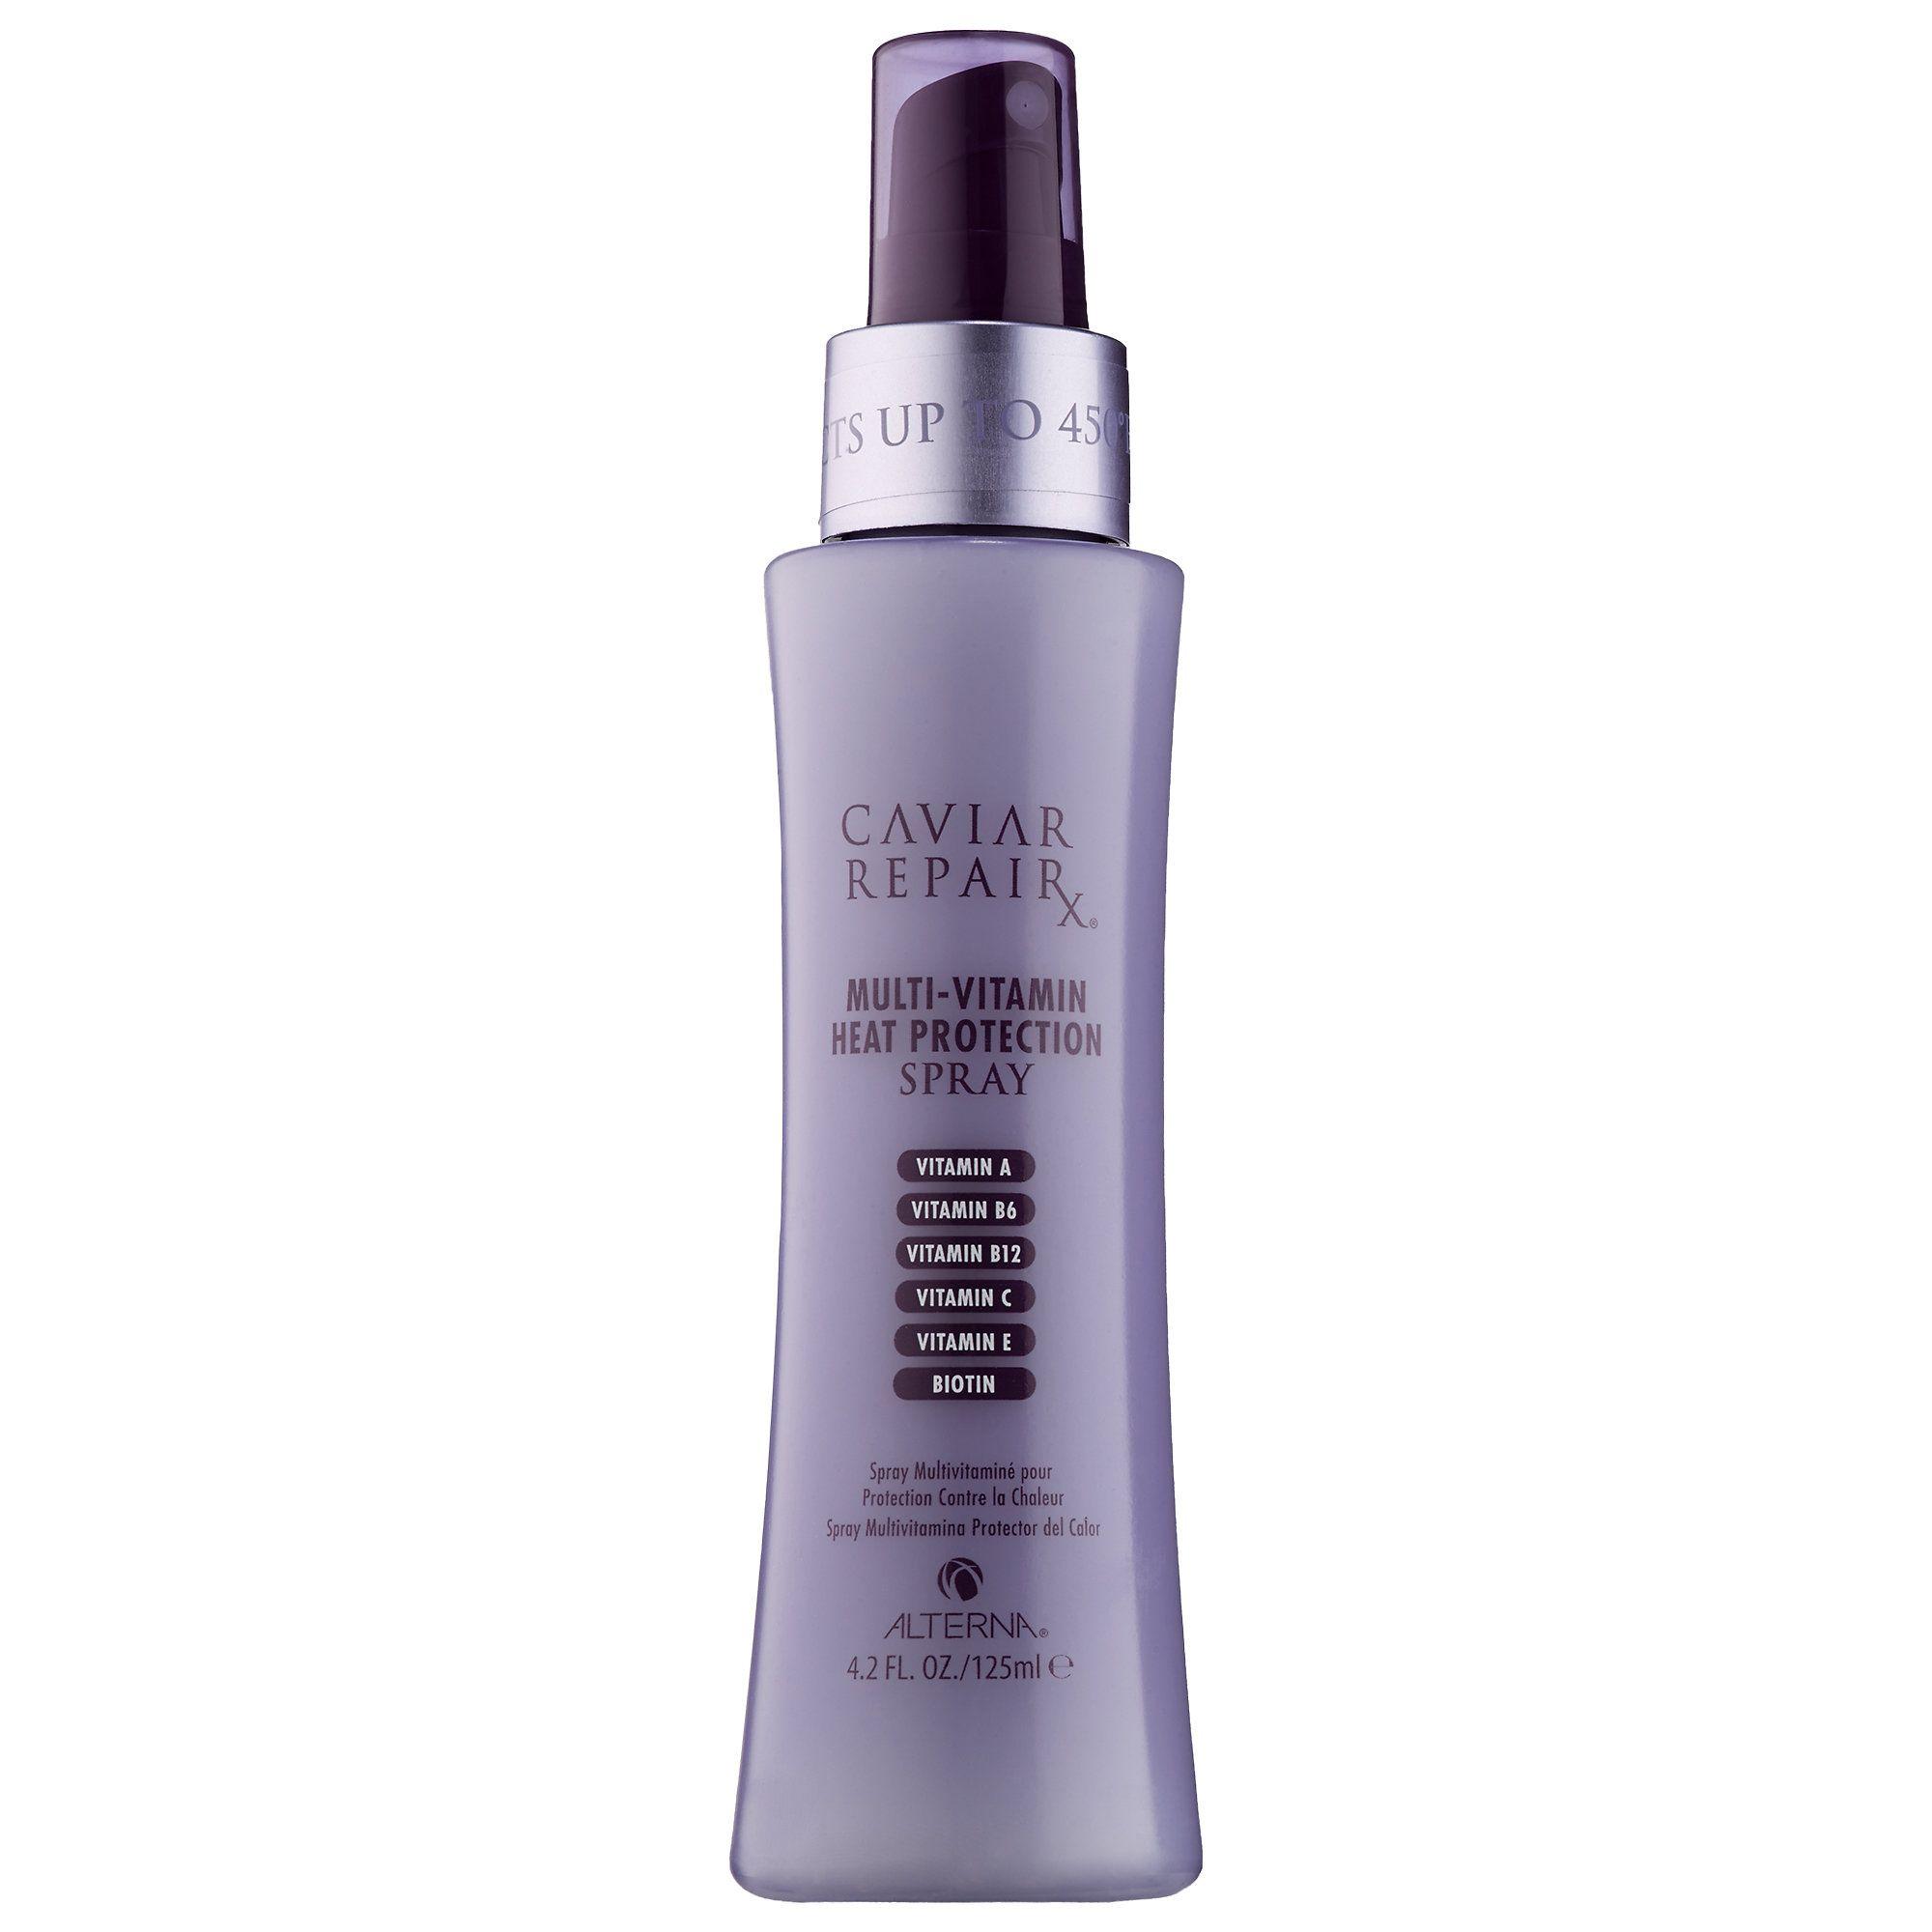 Caviar Repair Multi-Vitamin Heat Protection Spray - ALTERNA Haircare | Sephora